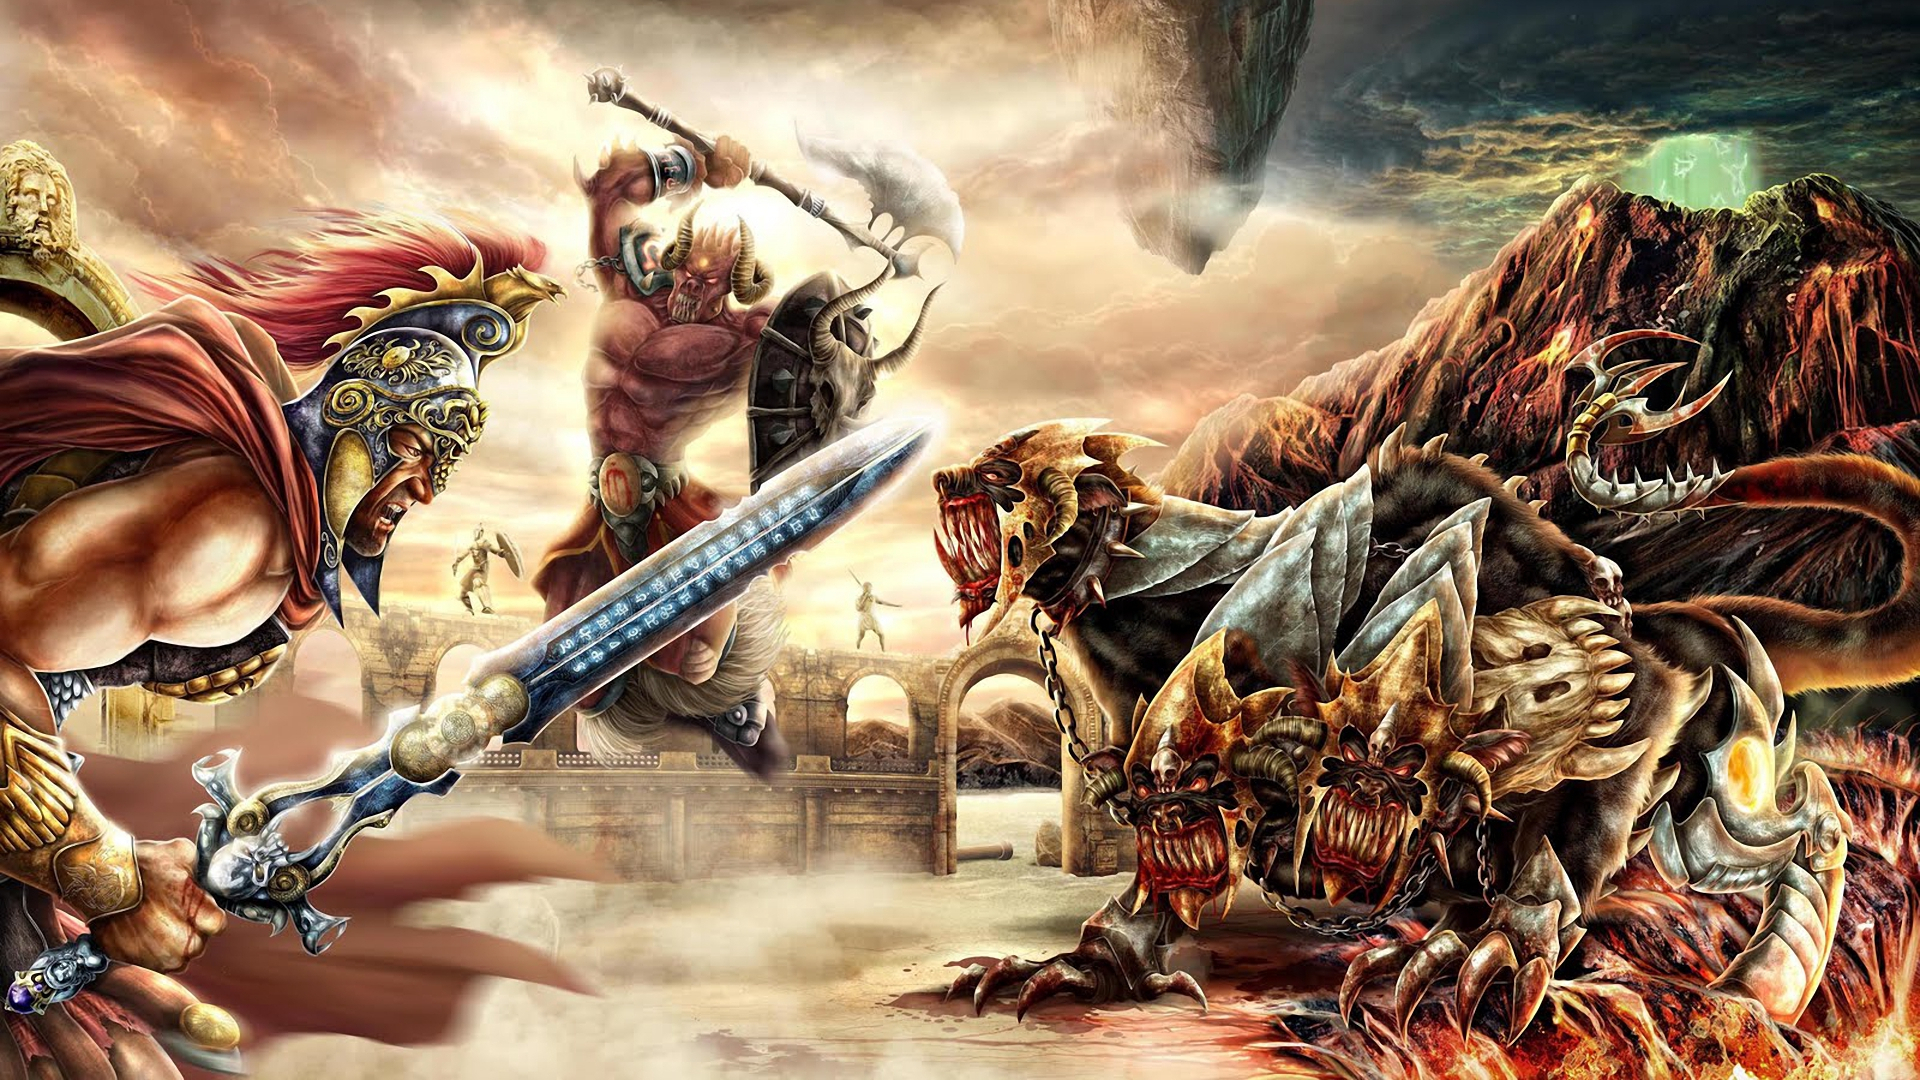 Fantasy Battle War Weapon Sword Axe Hydra Monster Creature